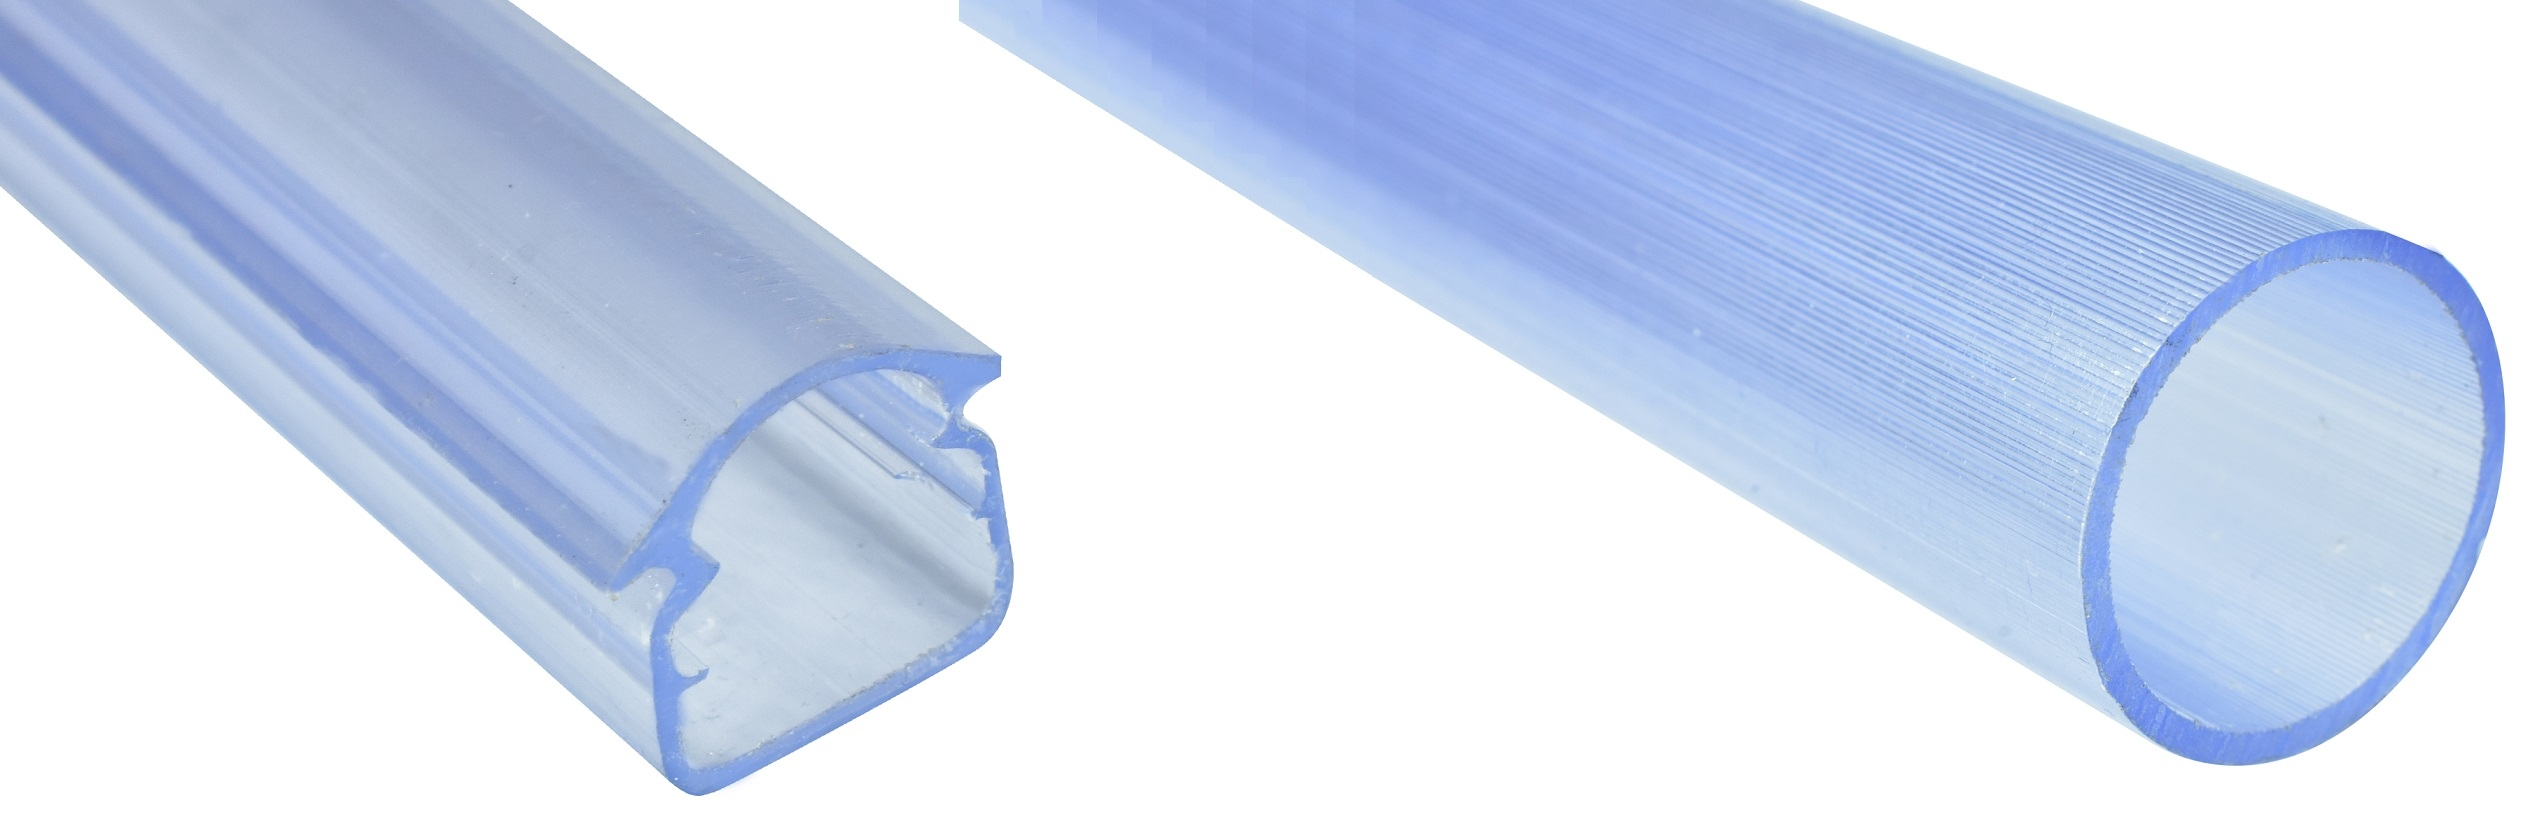 Perfiles y tubos PVC